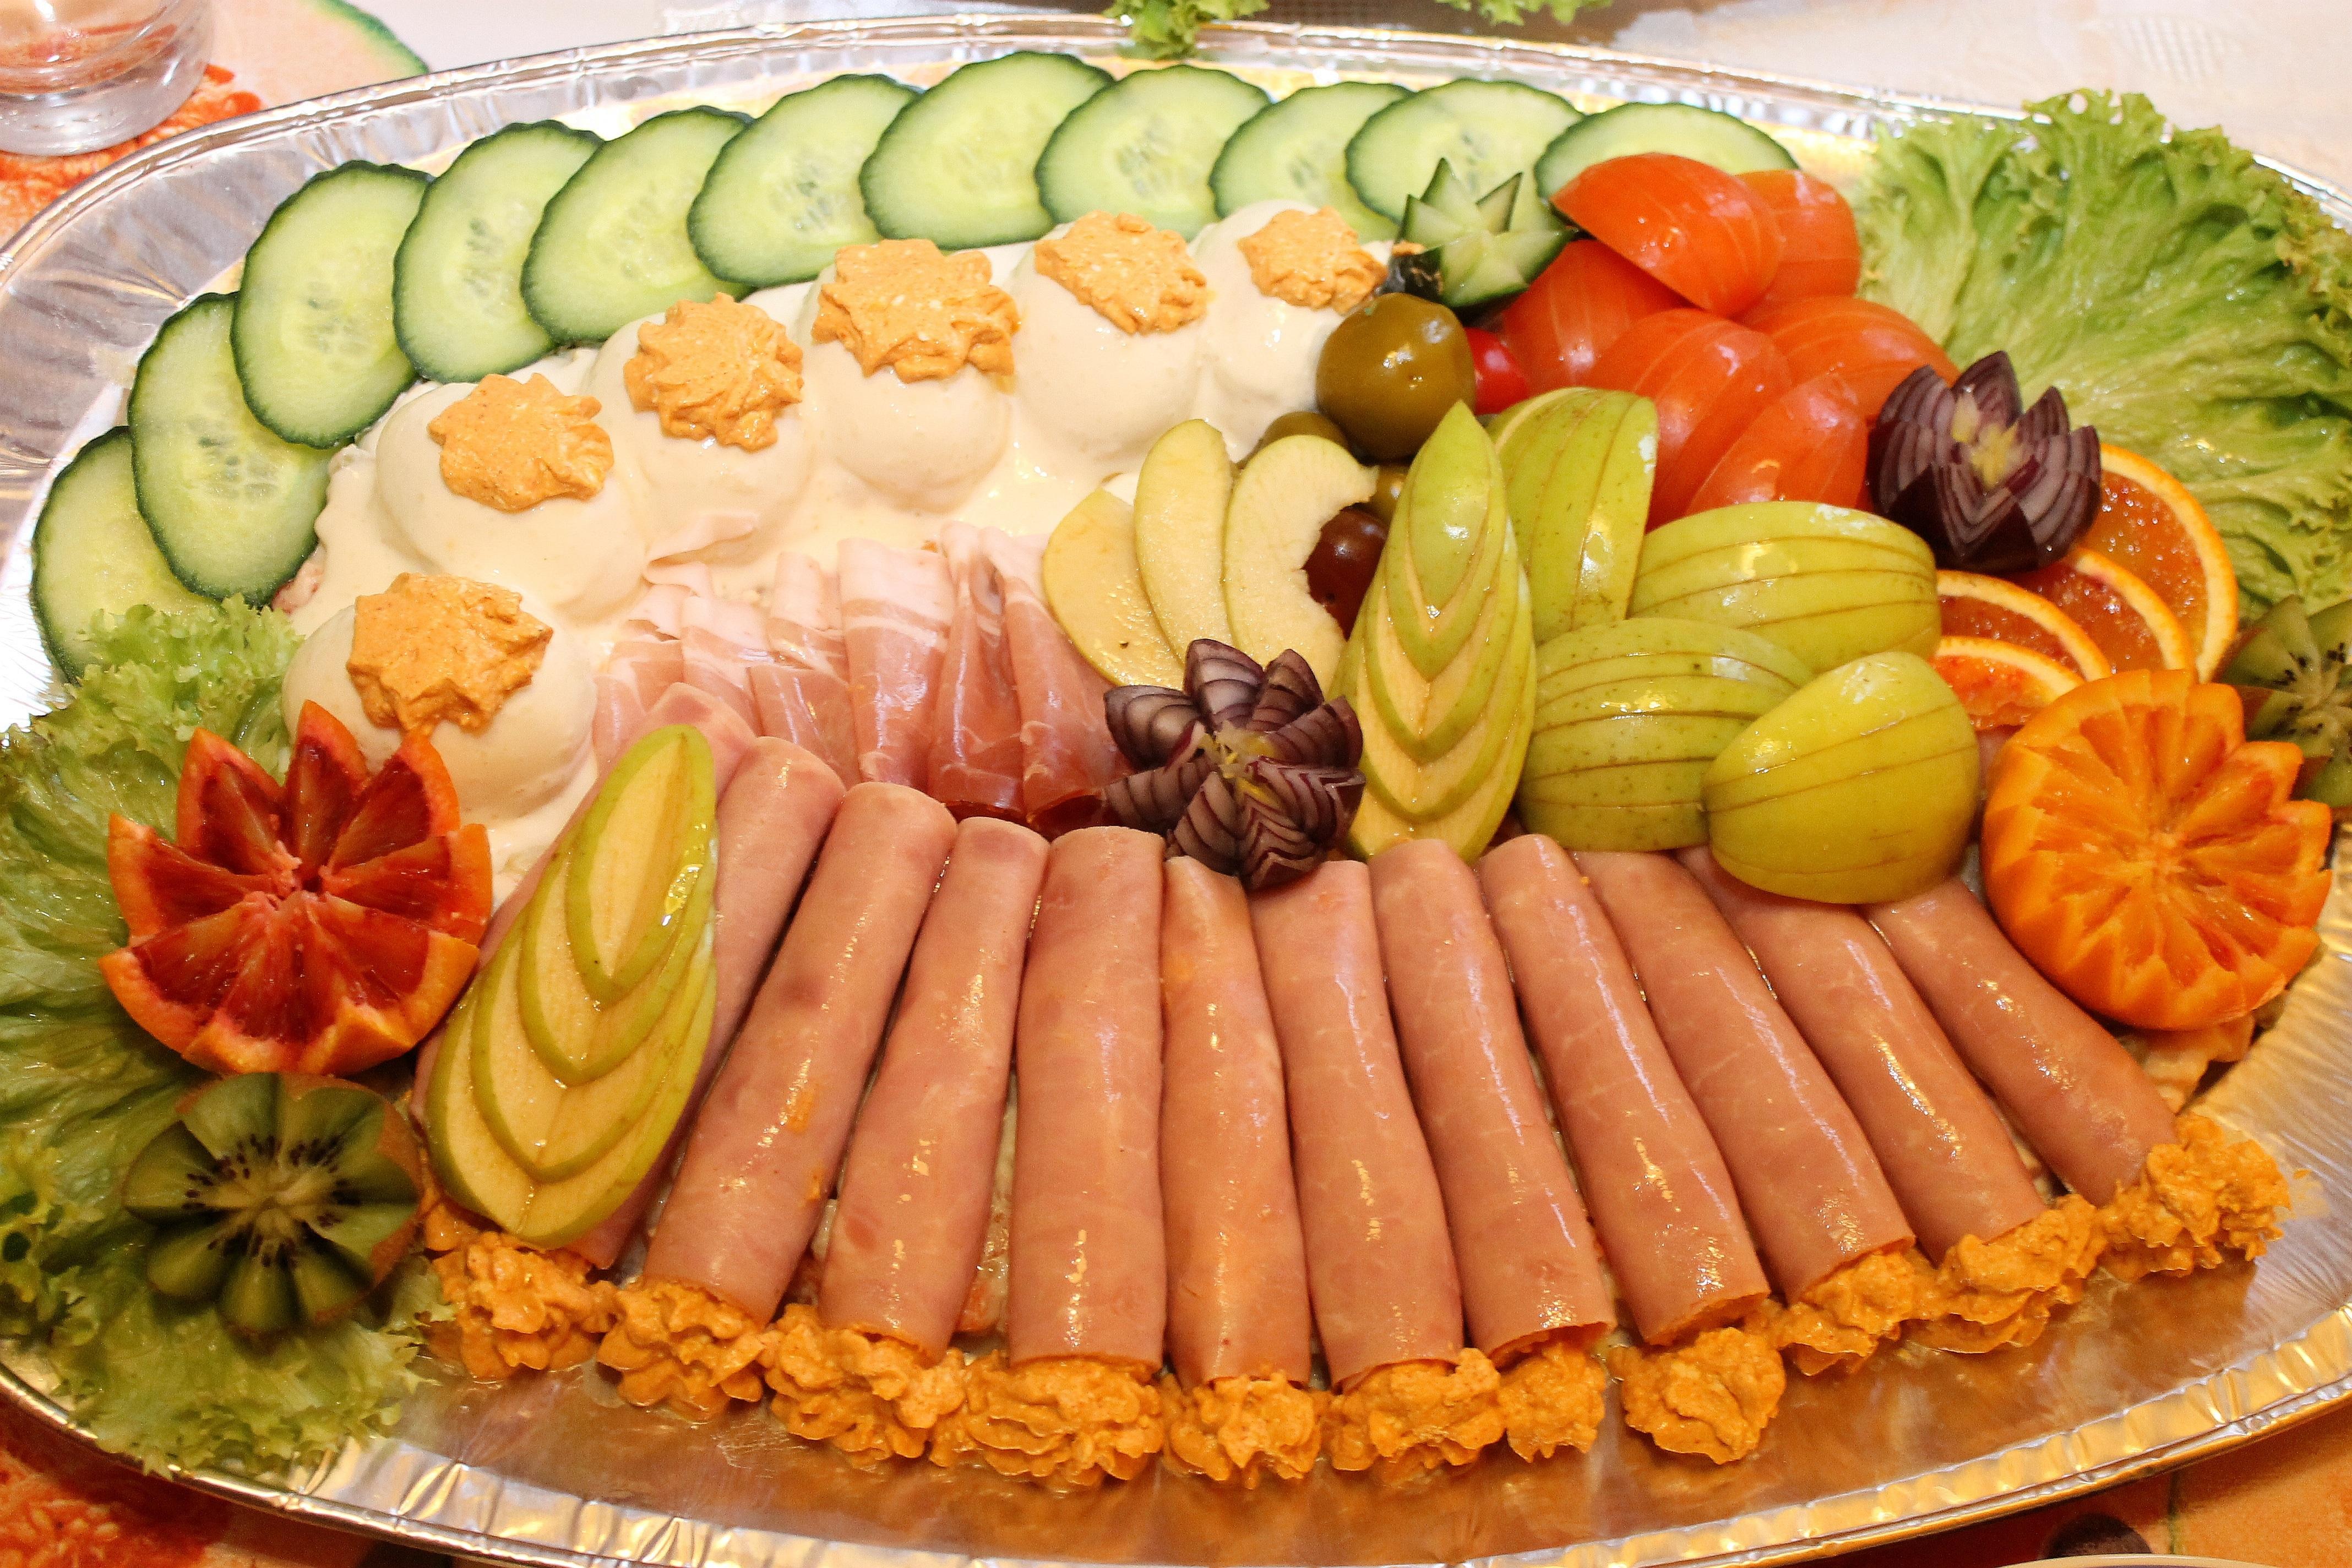 Images Gratuites : fruit, mur, bol, repas, aliments, salade, produire, offre, mariage, moi à, le ...